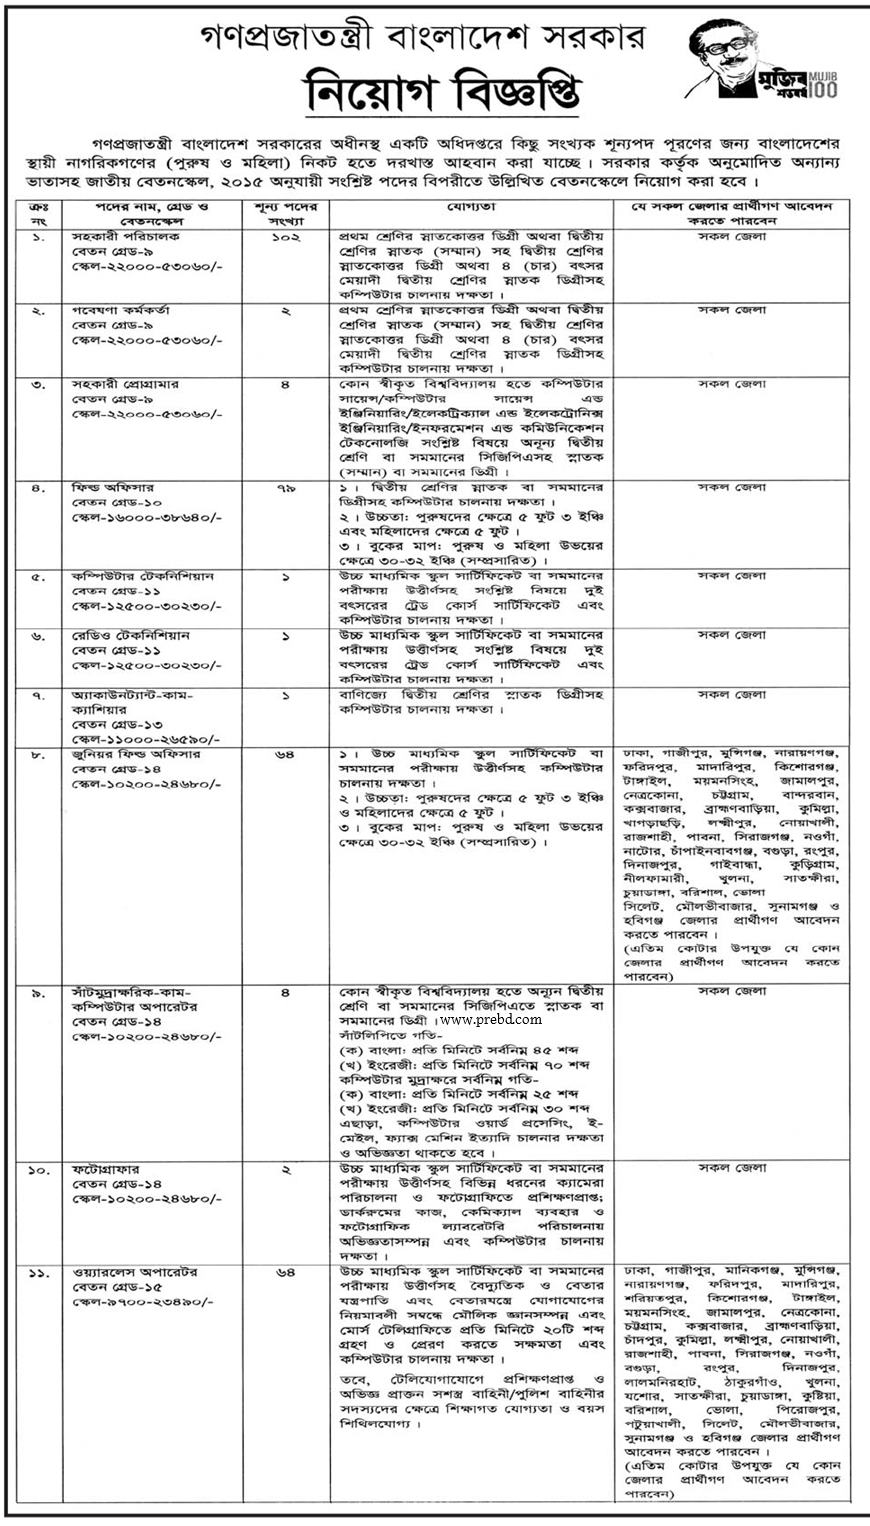 বাংলাদেশ সরকারের অধীনস্থ অধিদপ্ত একটি অধিদপ্তর (NSI) এ নিয়োগ বিজ্ঞপ্তি ২০২১  NSI Job Circular 2021